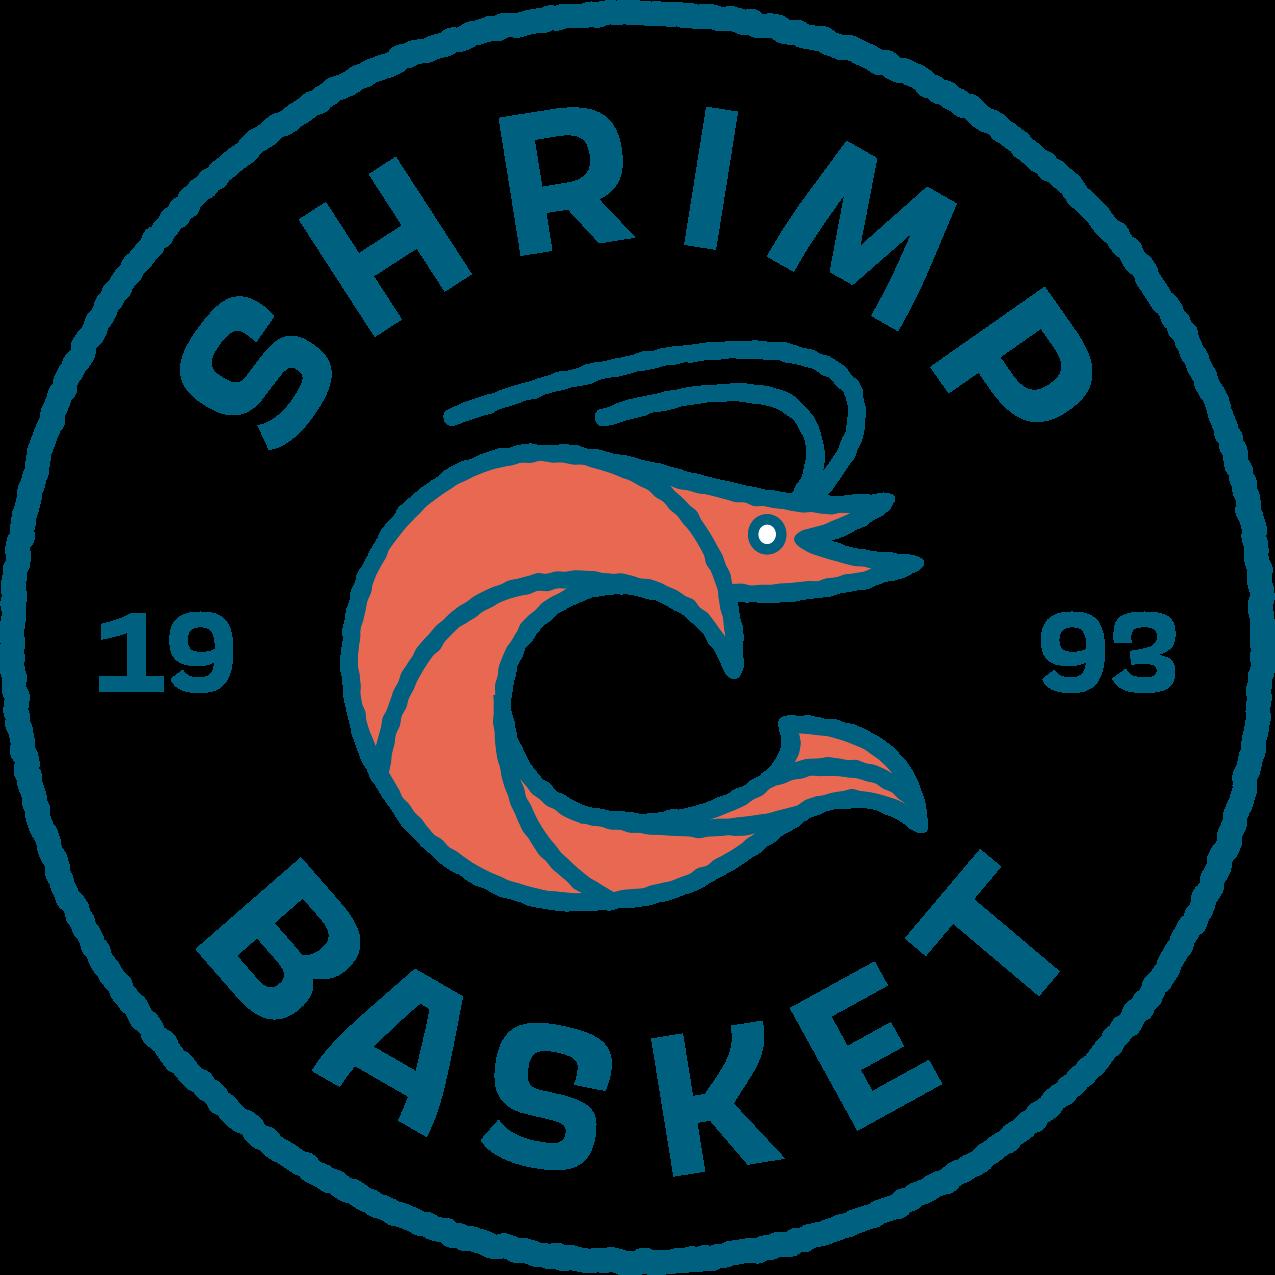 Shrimp Basket Badge